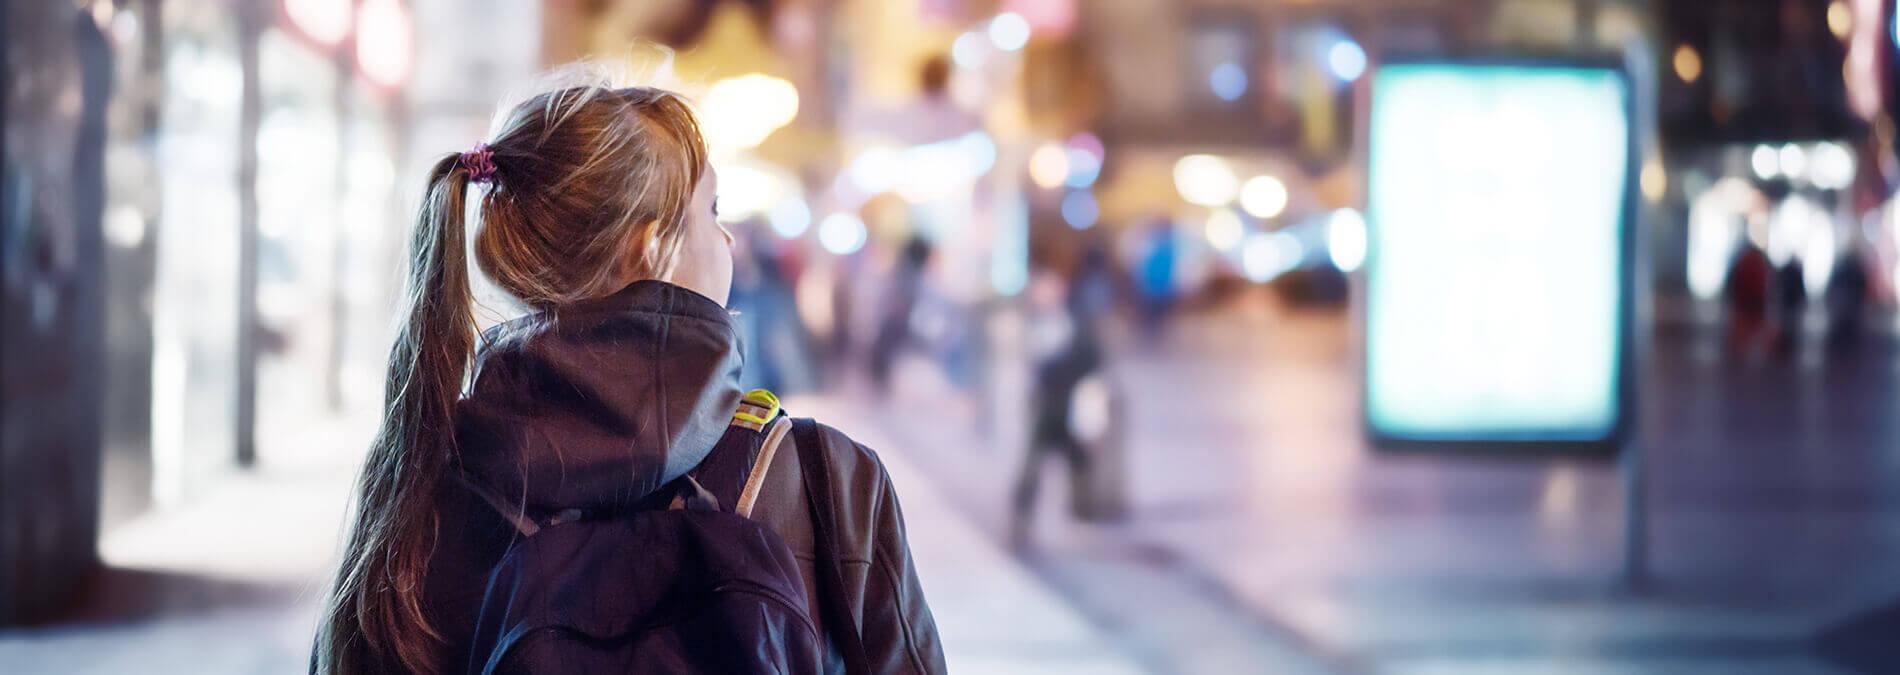 Mädchen von hinten in einer Stadt am Abend